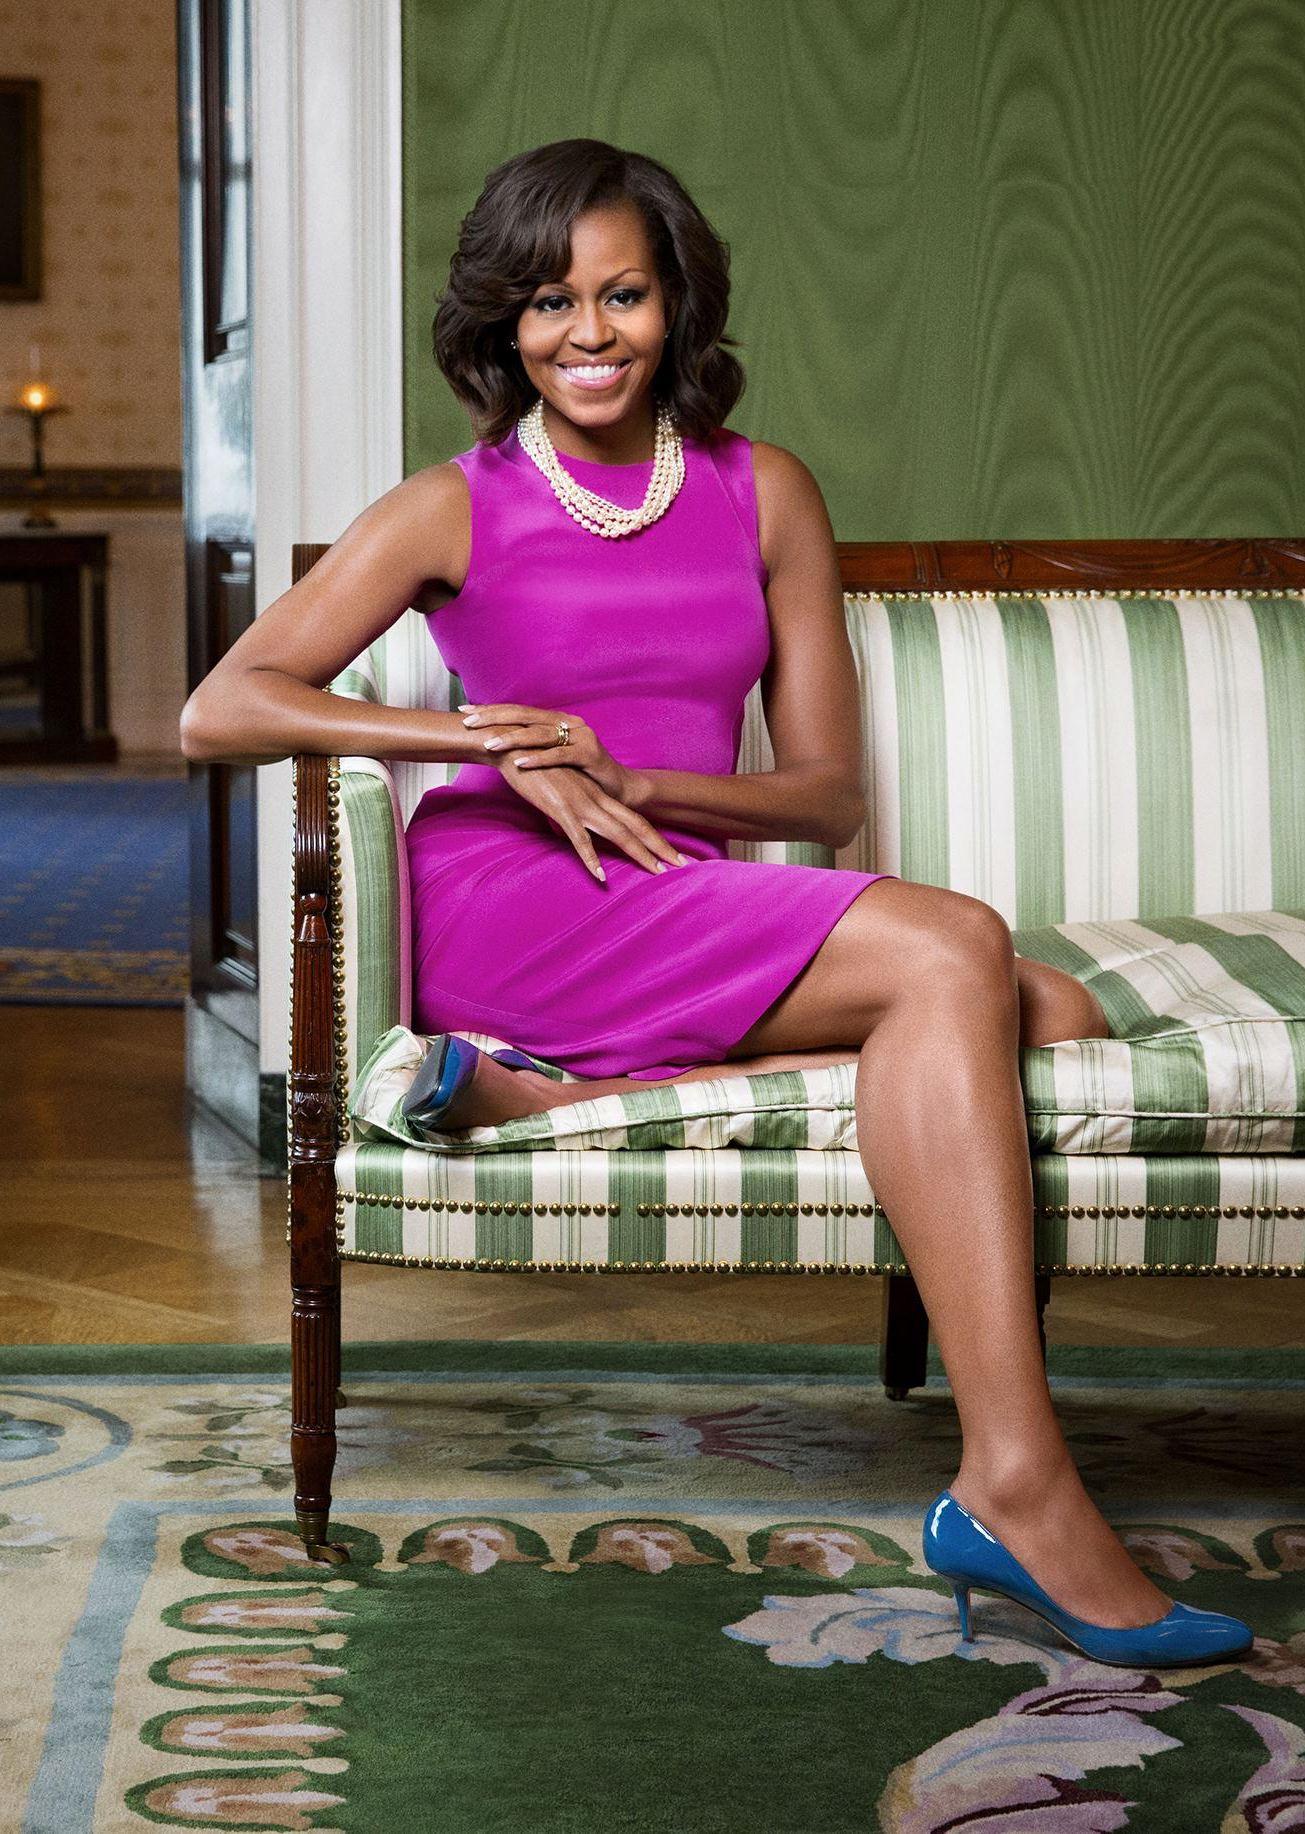 мишель обама,стиль мишель обамы,принципы стиля Мишель Обамы,первая леди америки стиль,первая леди сша стиль,мишель обама наряды,мишель обама аксессуары